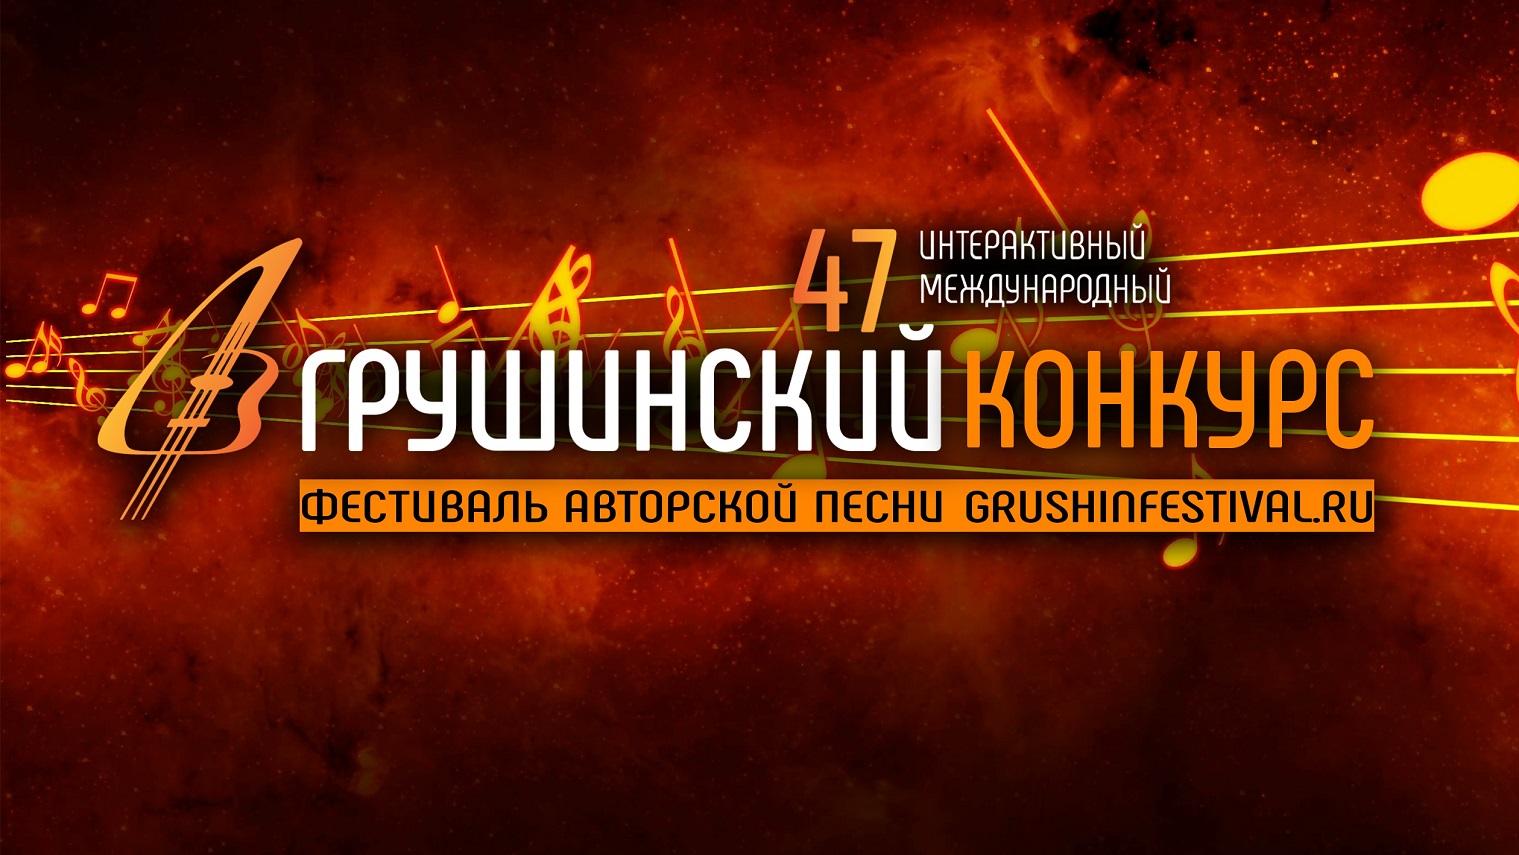 Грушинский фестиваль приглашает гостей в режим онлайн